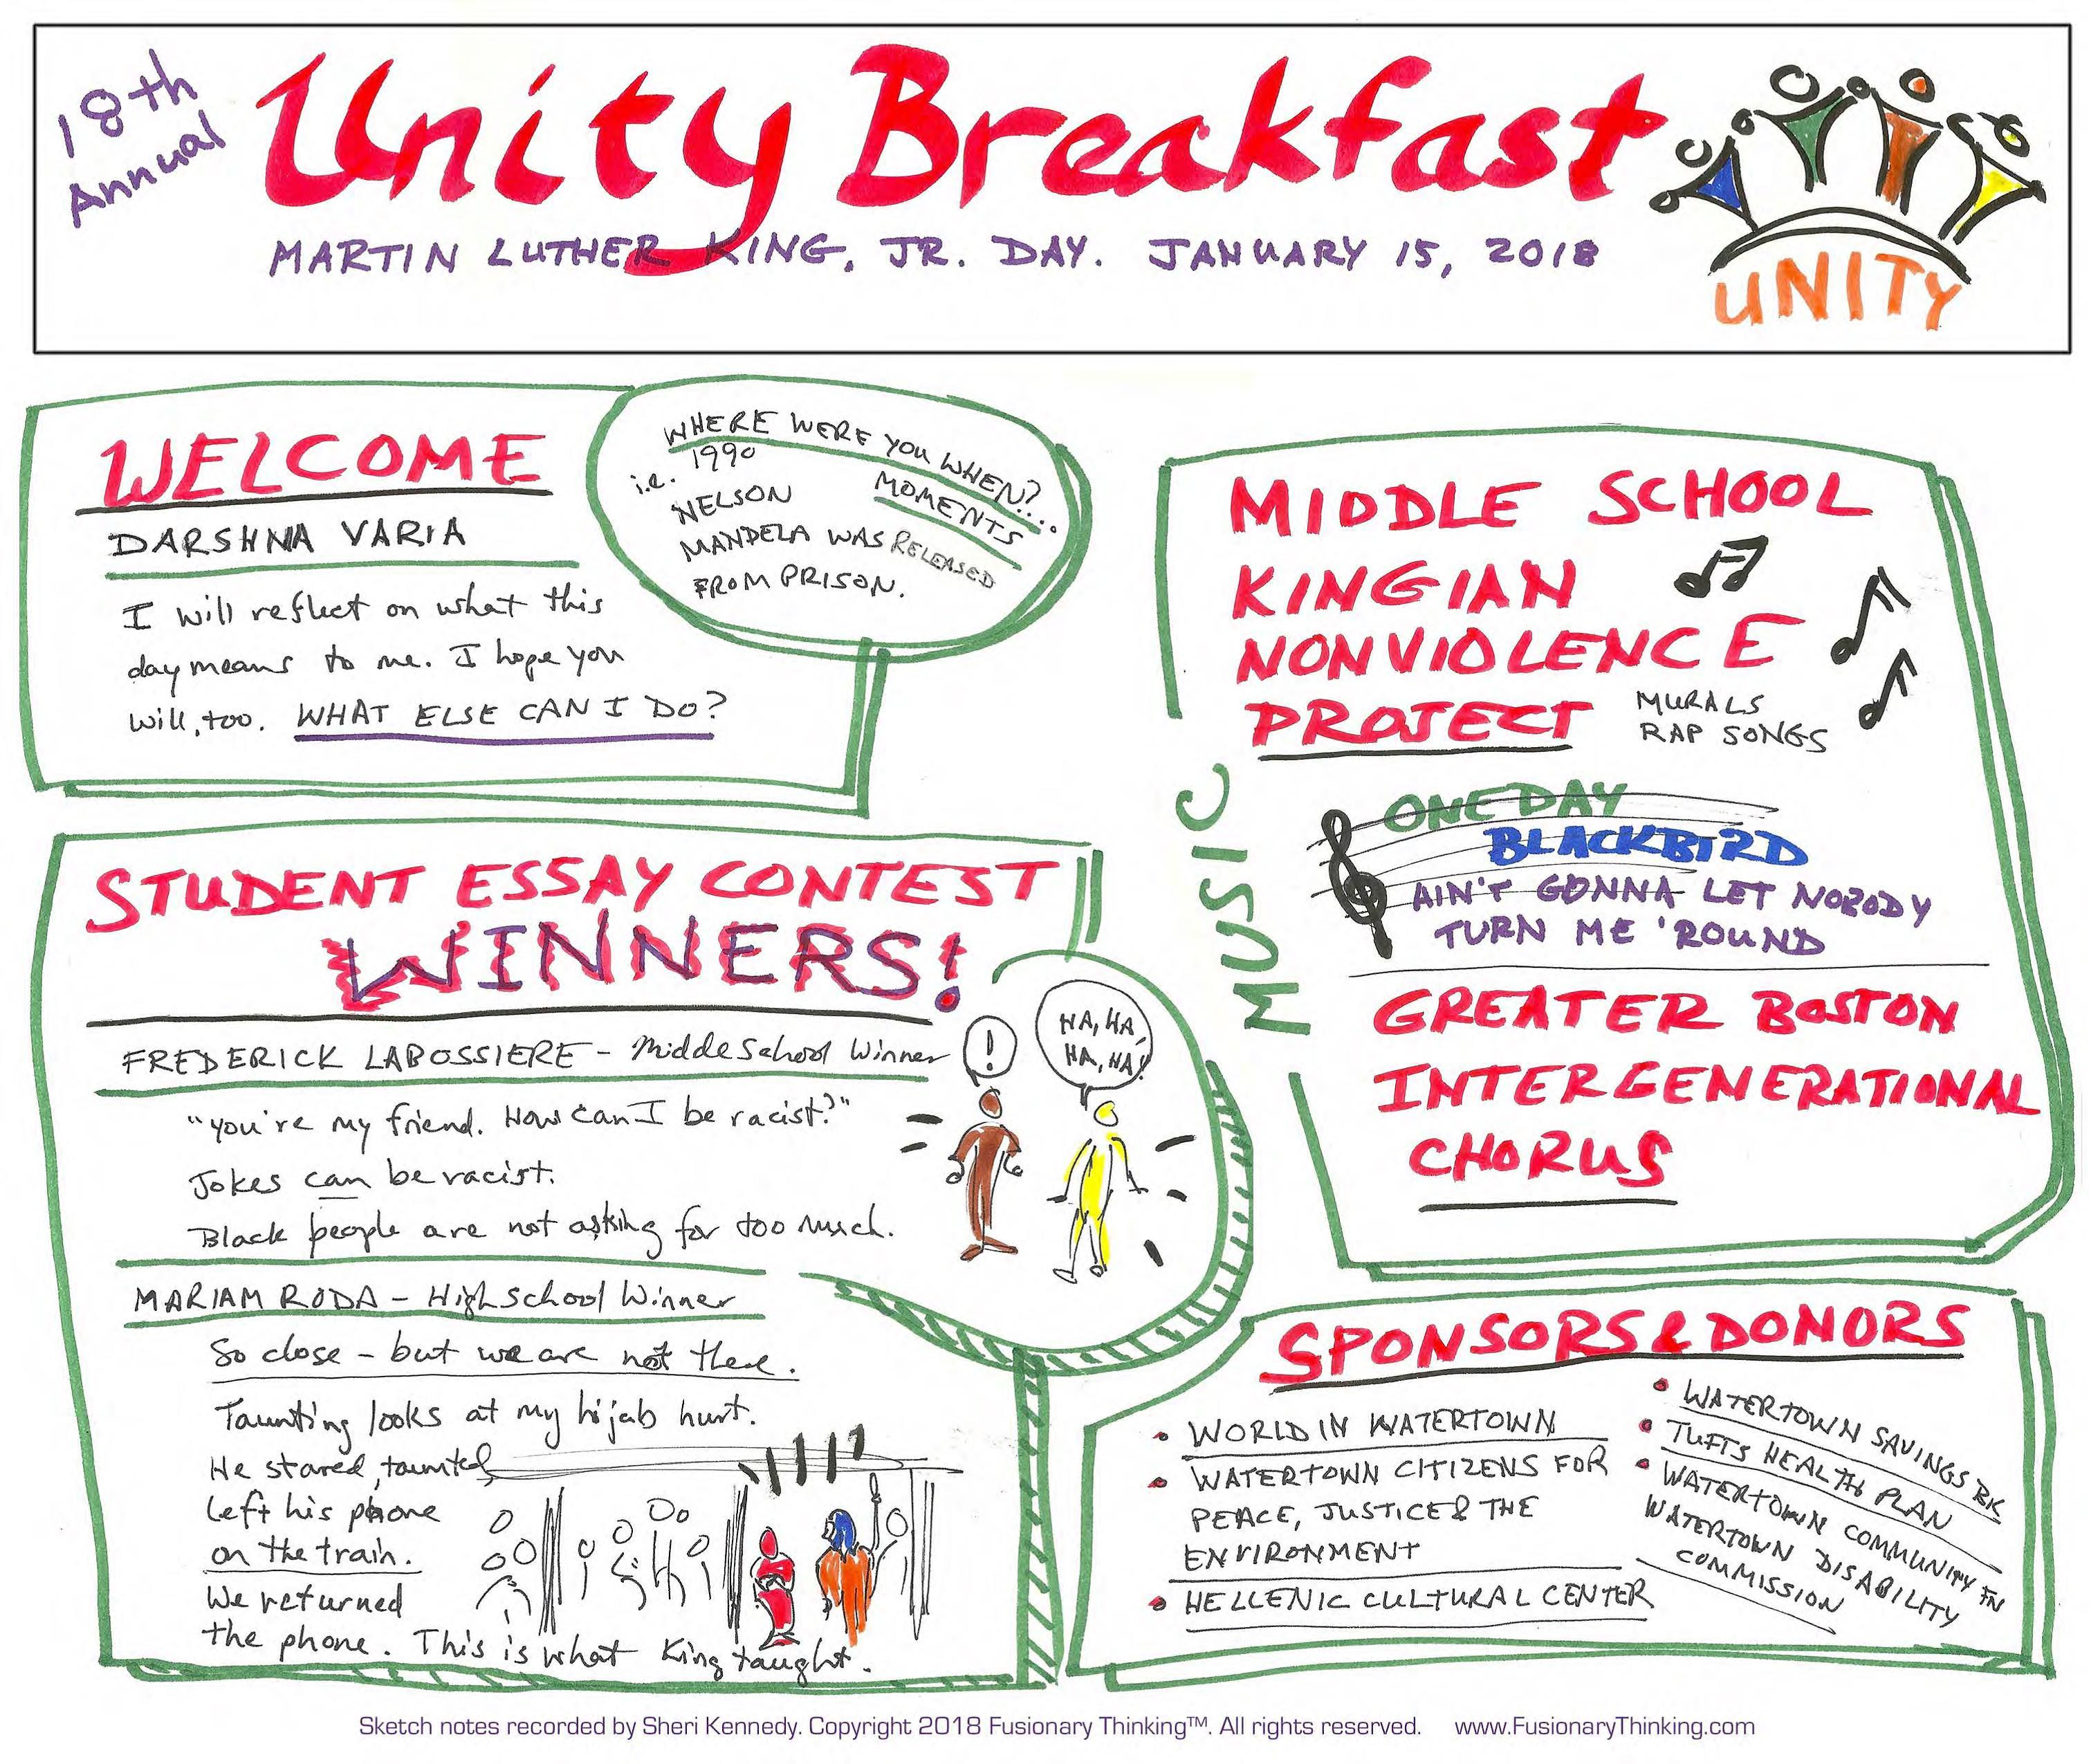 Annual Unity Breakfast | World in Watertown